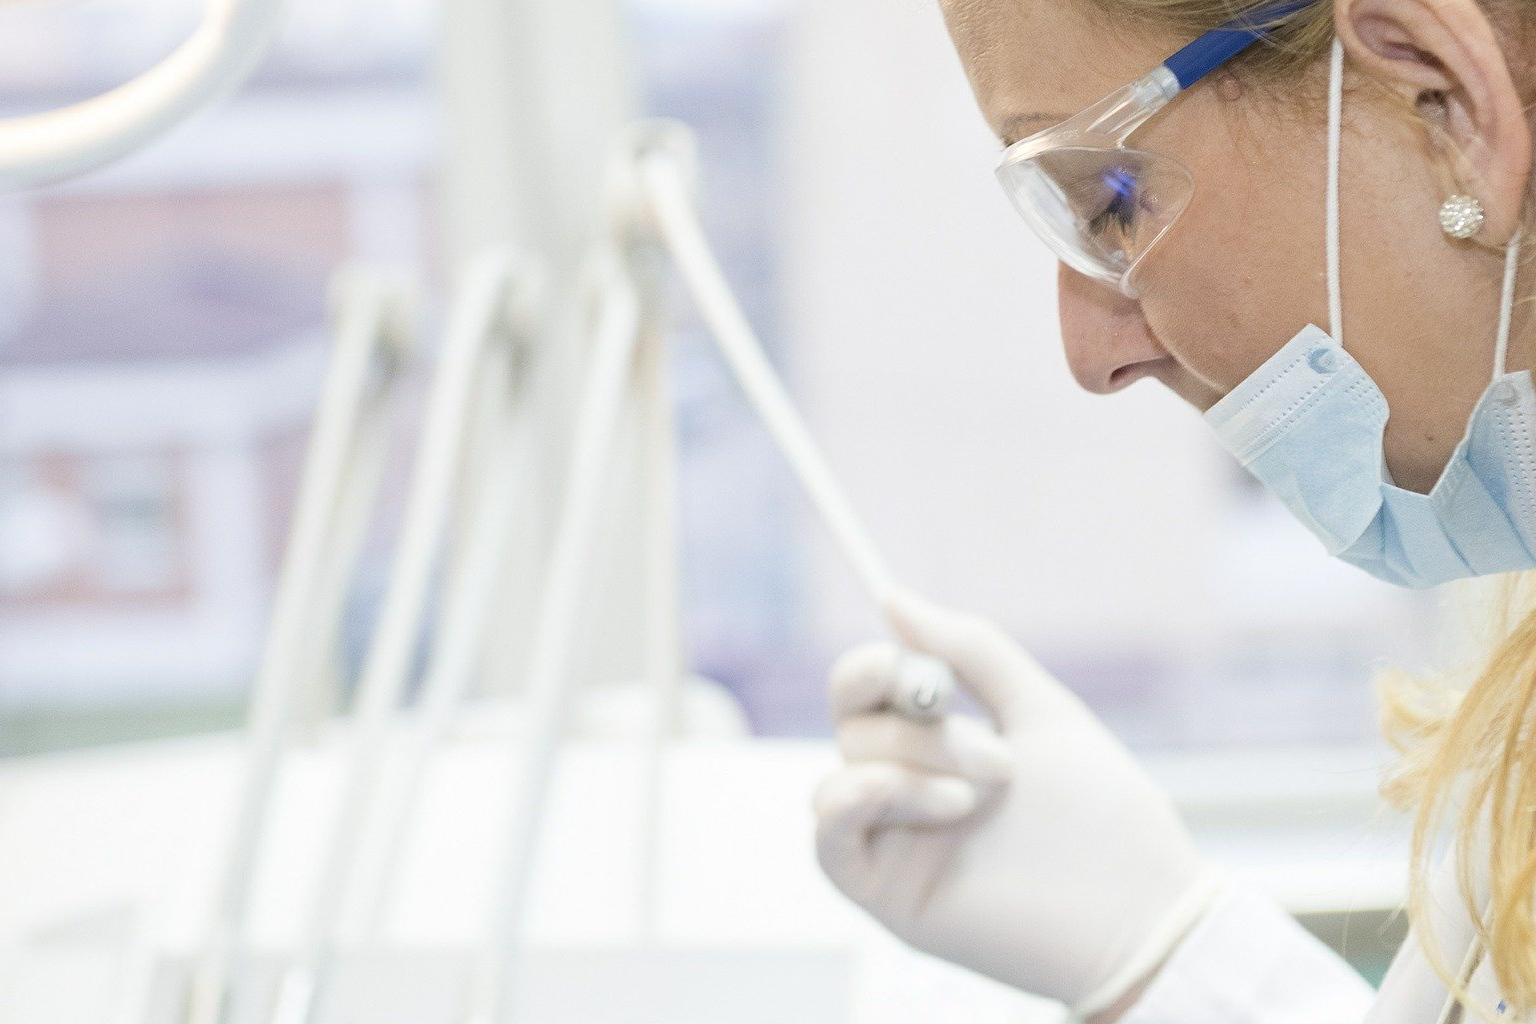 检验方法验证/确认各参数可接受标准的探讨